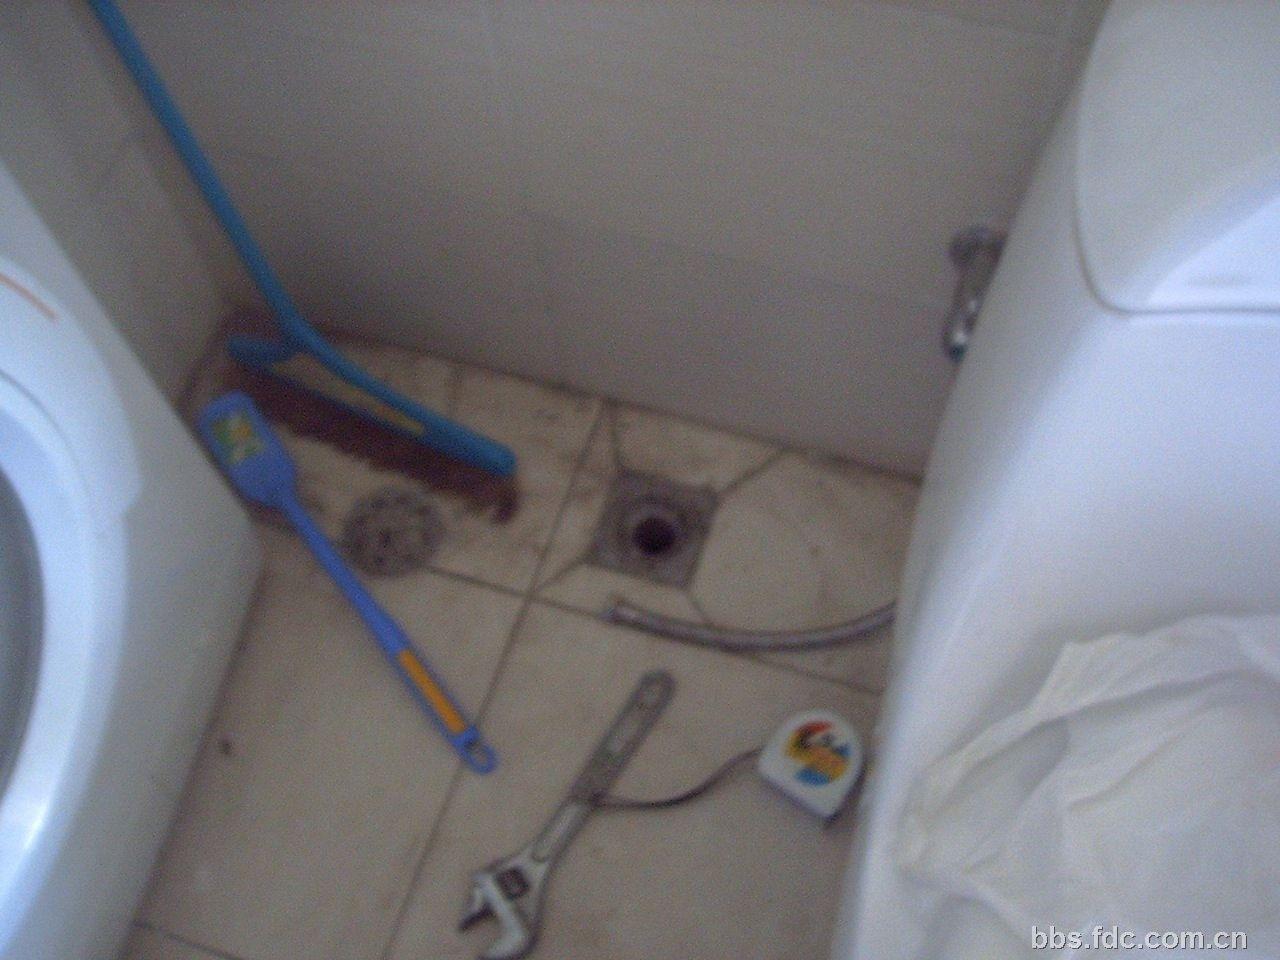 因为楼下漏水非常慢,象那样的速度滴水肯定还要滴水